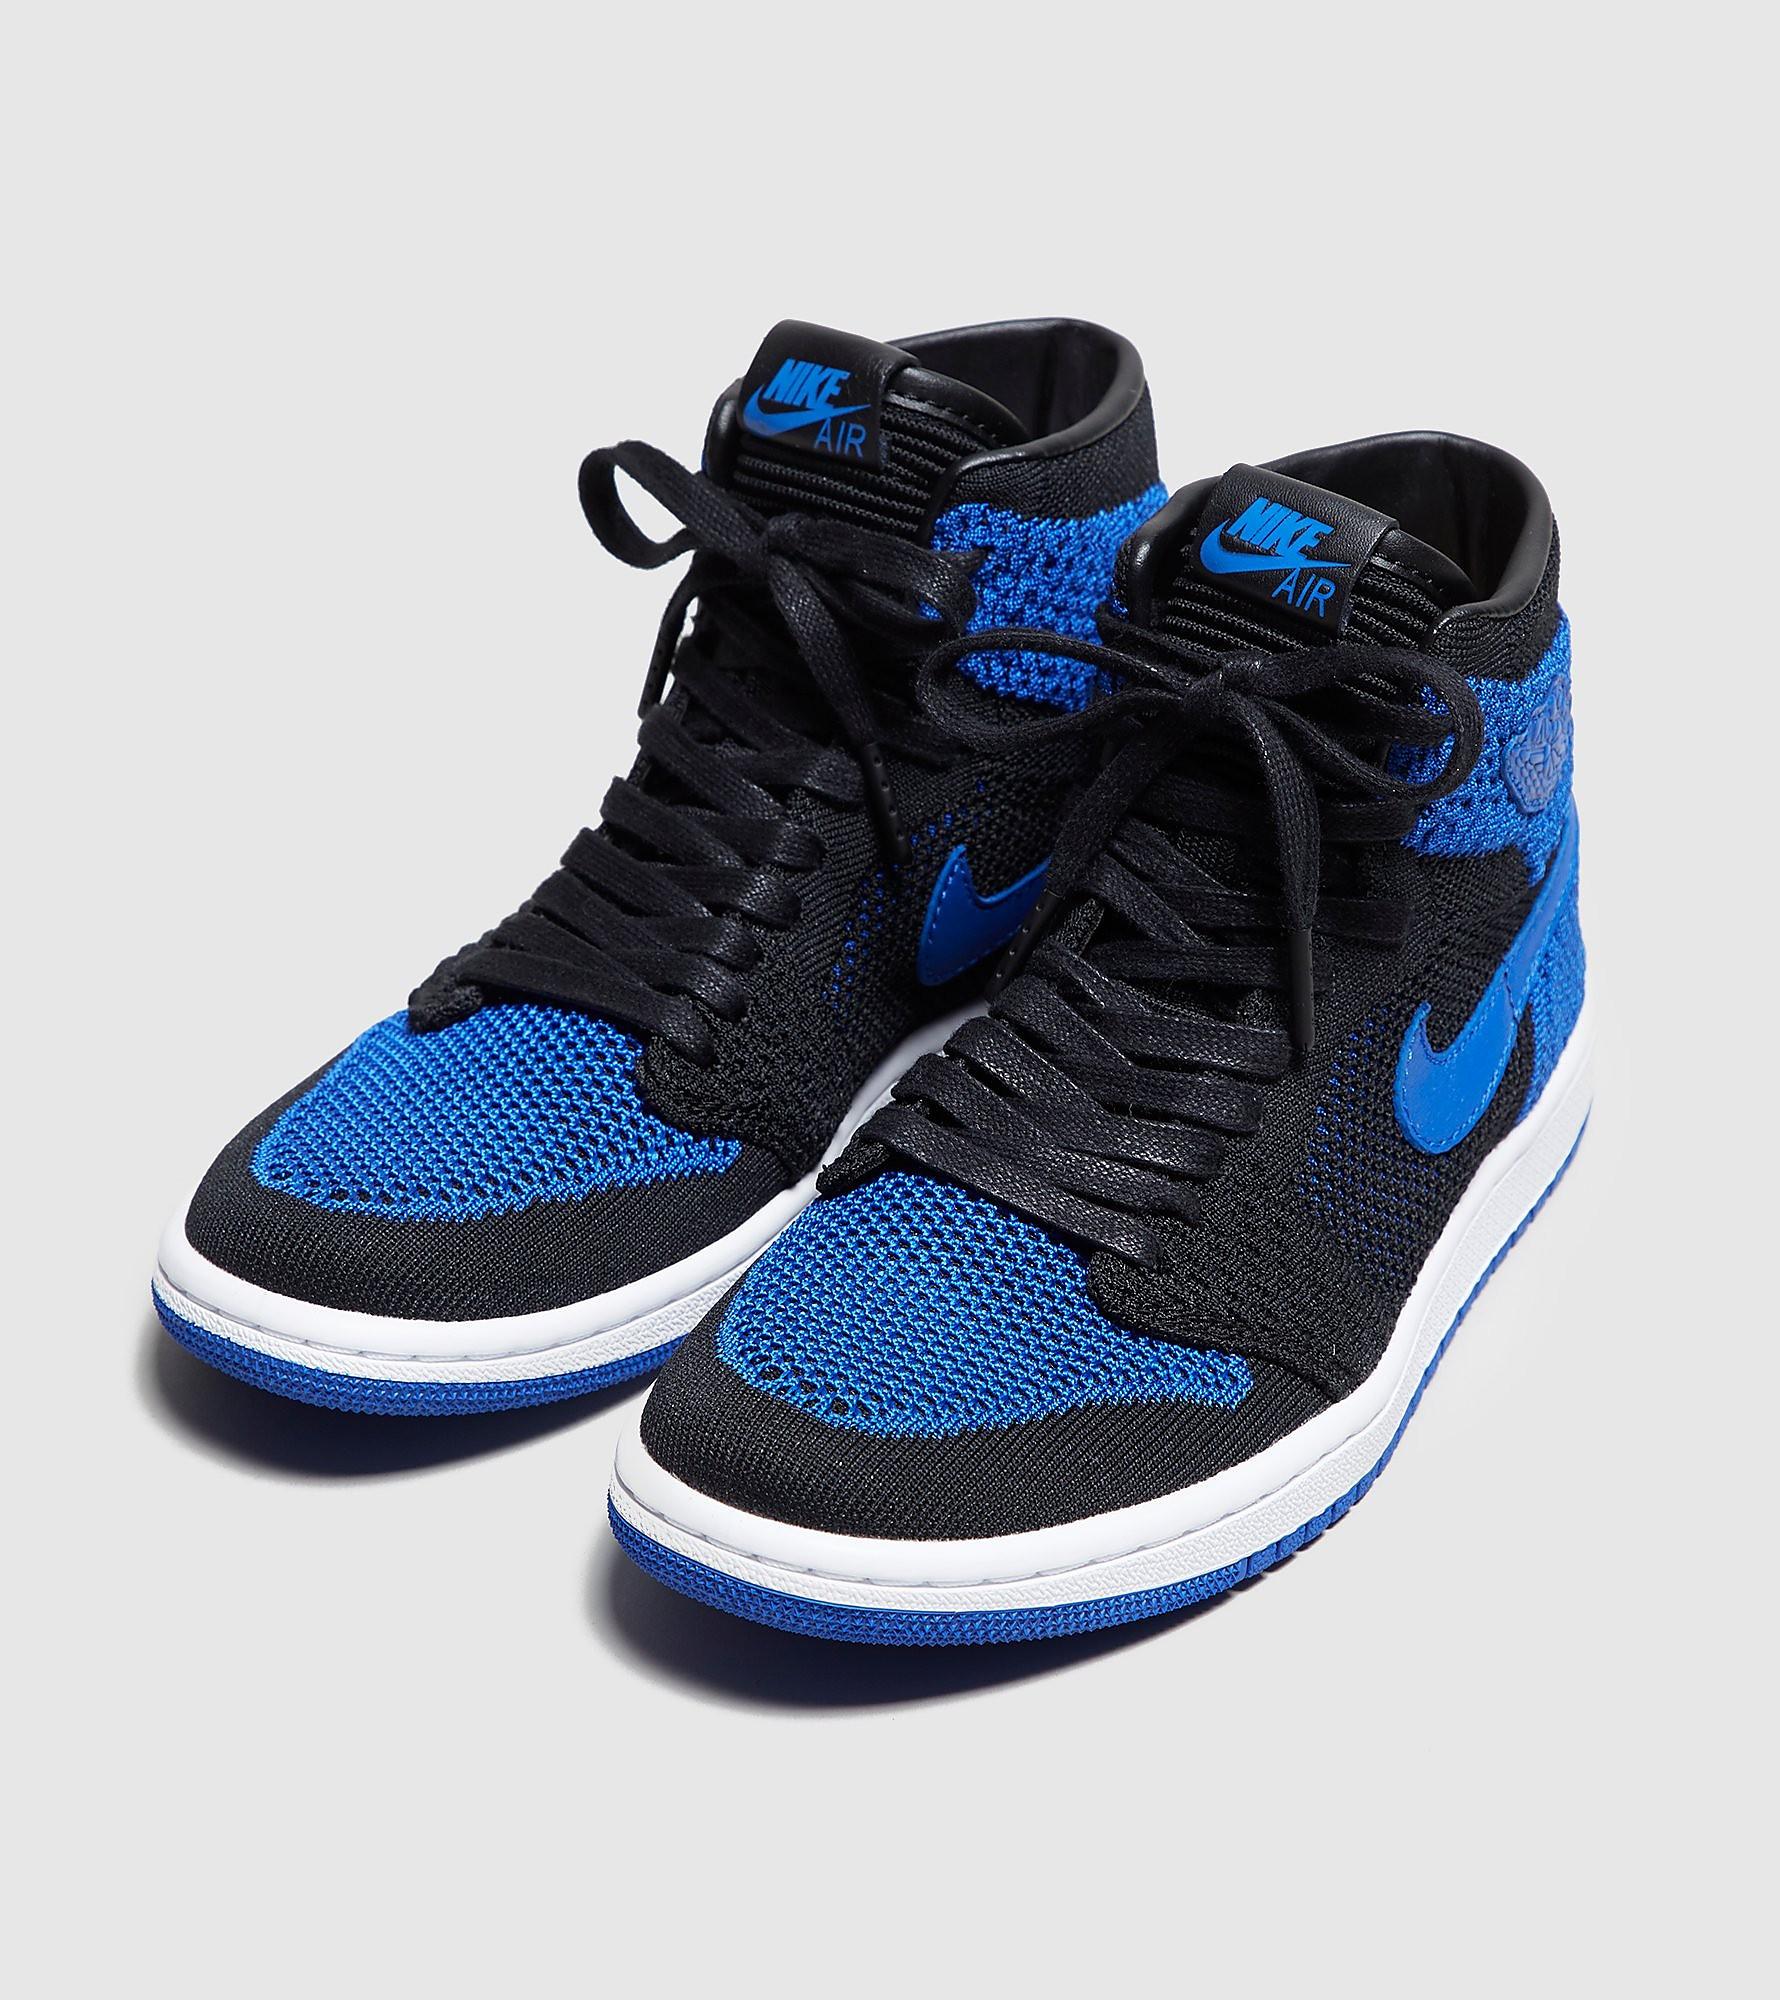 Nike Air Jordan 1 HI Flyknit Women's